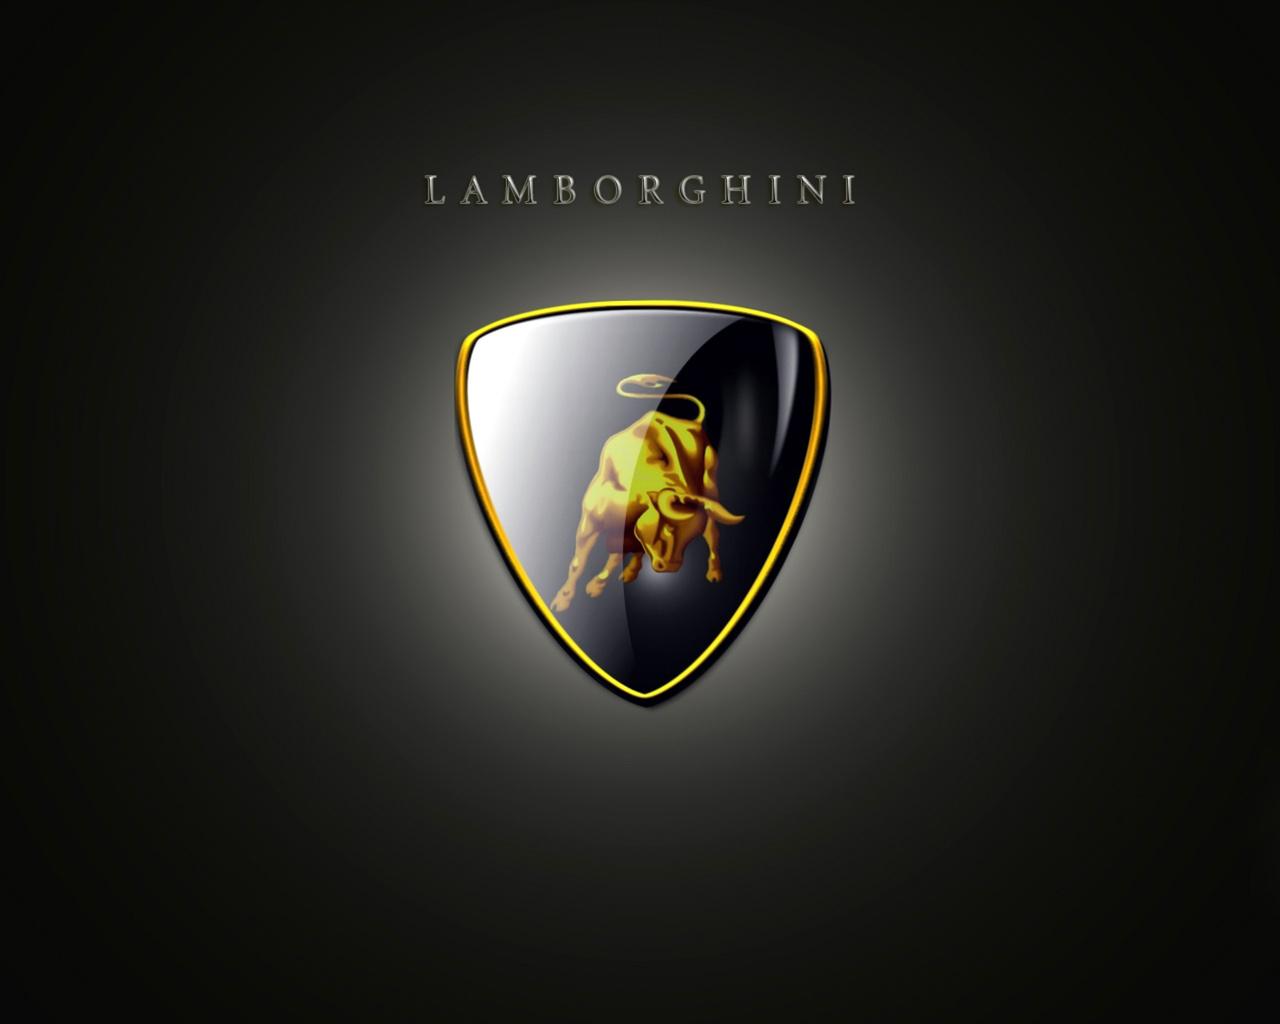 Hd Car Wallpapers Lamborghini Emblem